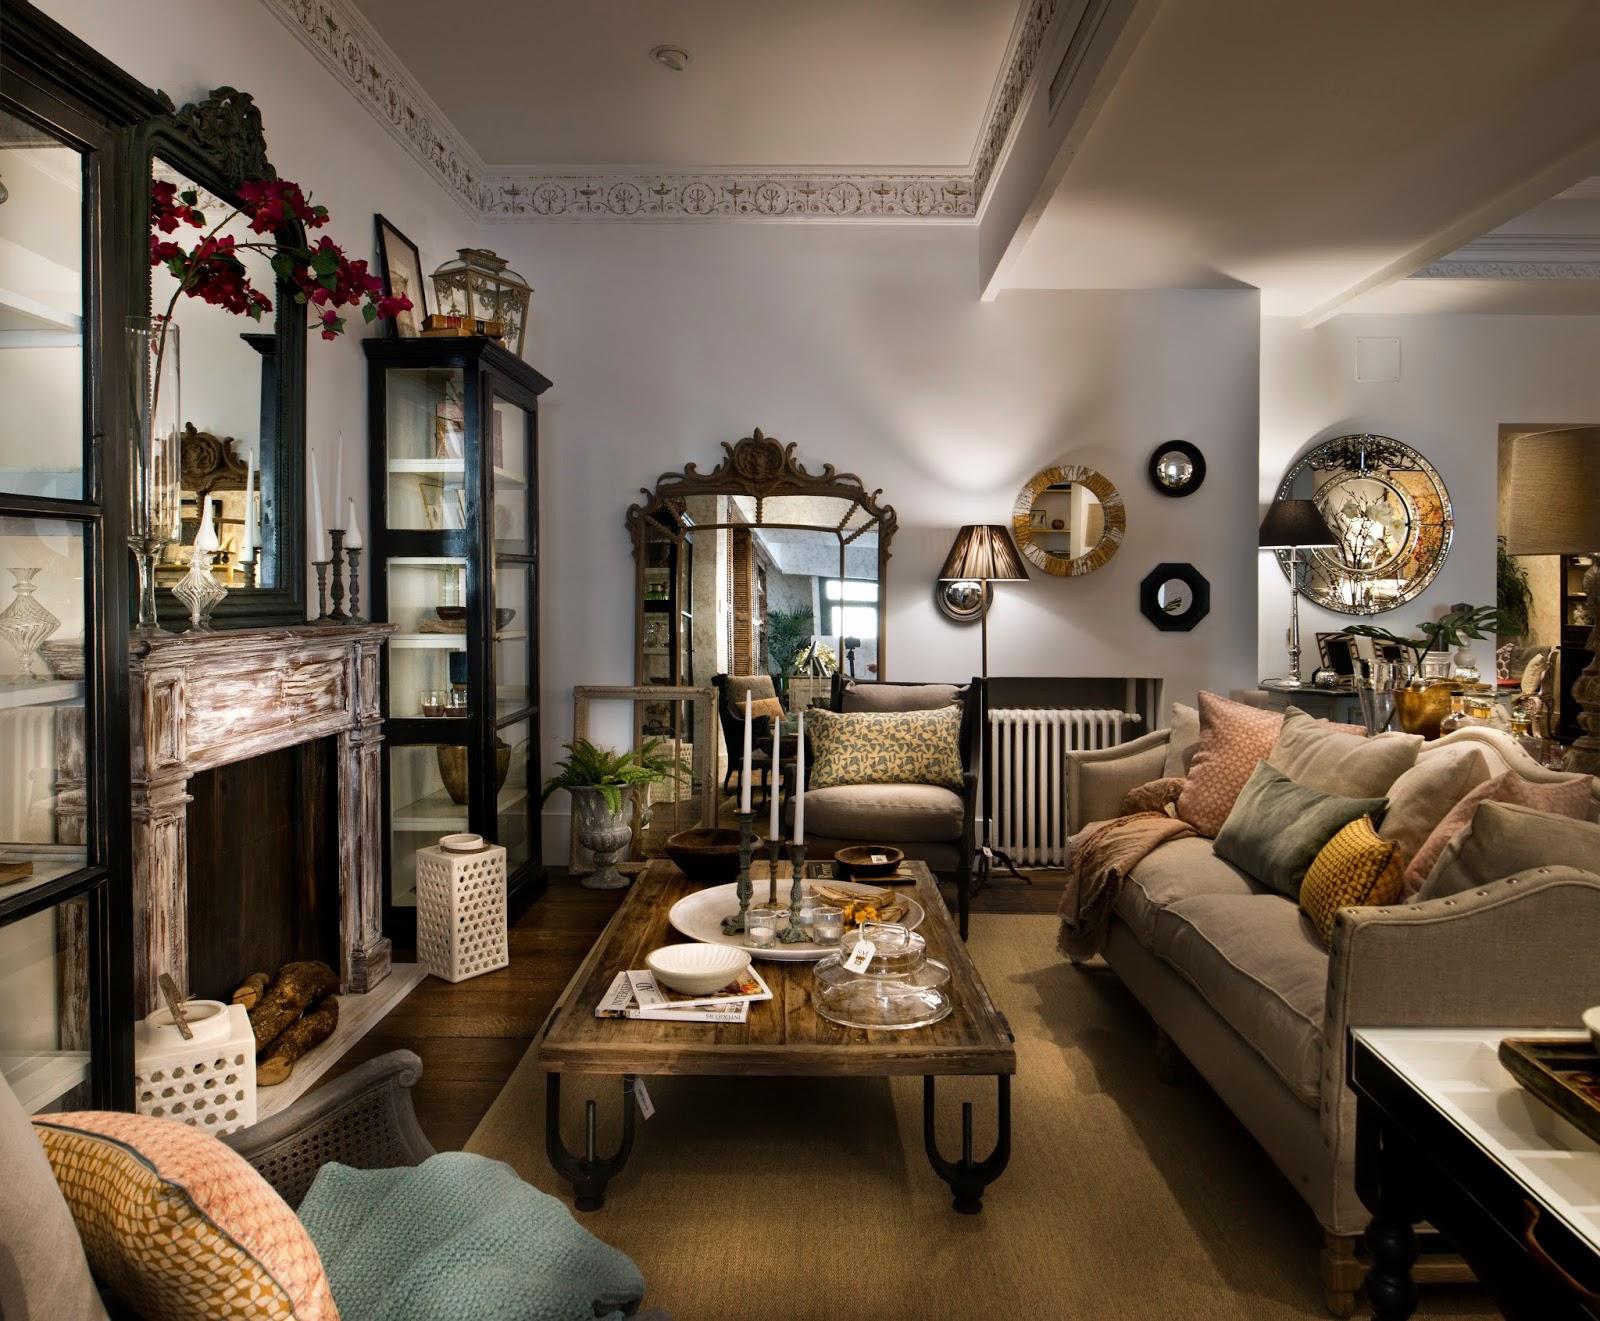 Observa y decora conociendo a sandra marcos - Tienda decoracion casa online ...